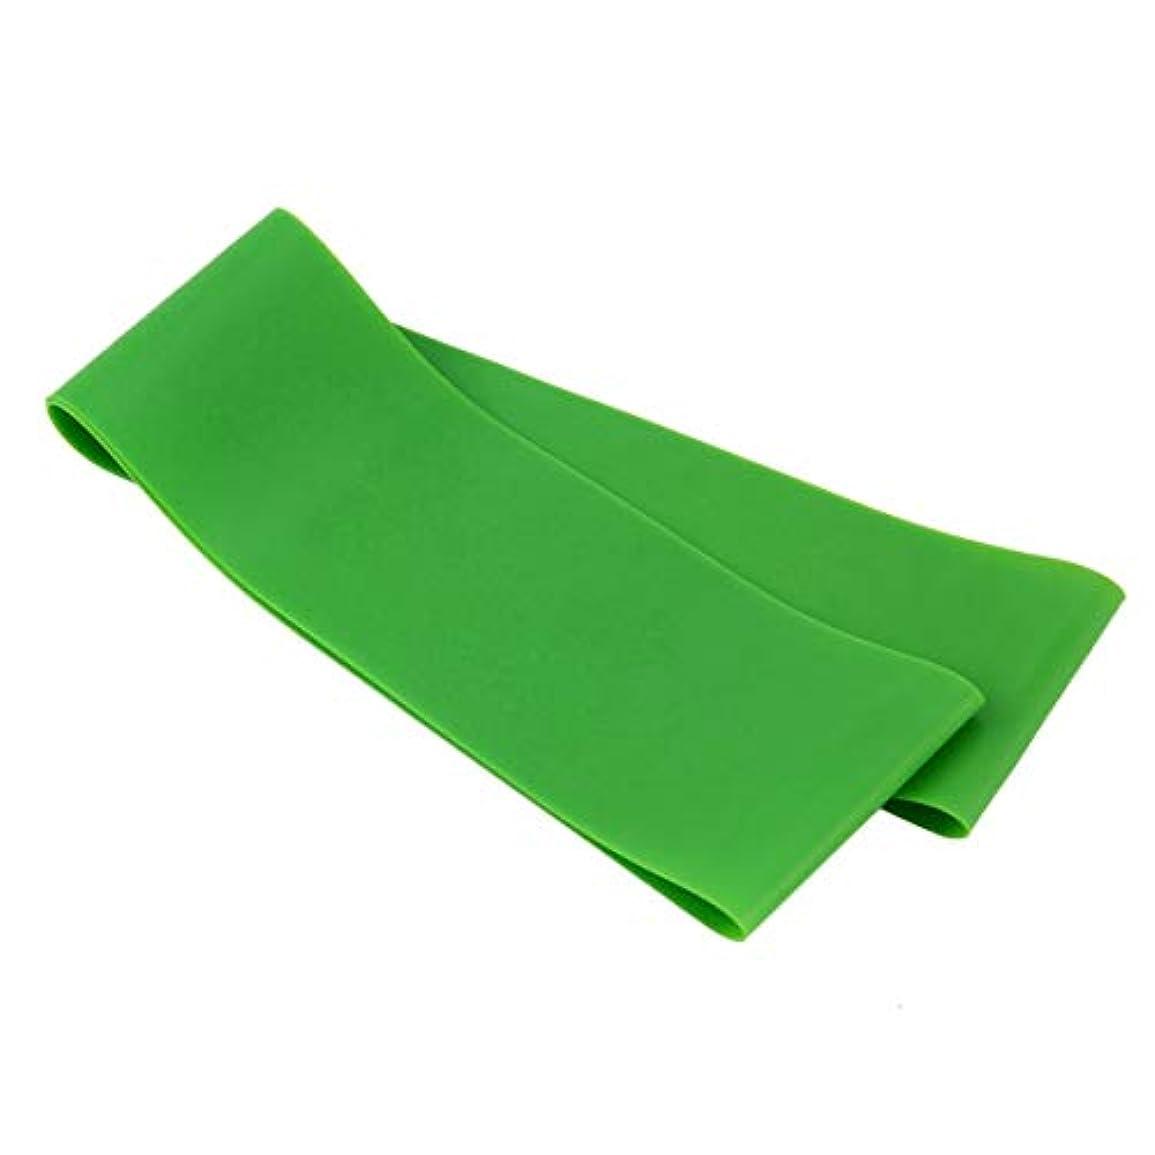 自発的デザート大胆不敵滑り止め伸縮性ゴム弾性ヨガベルトバンドプルロープ張力抵抗バンドループ強度のためのフィットネスヨガツール - グリーン